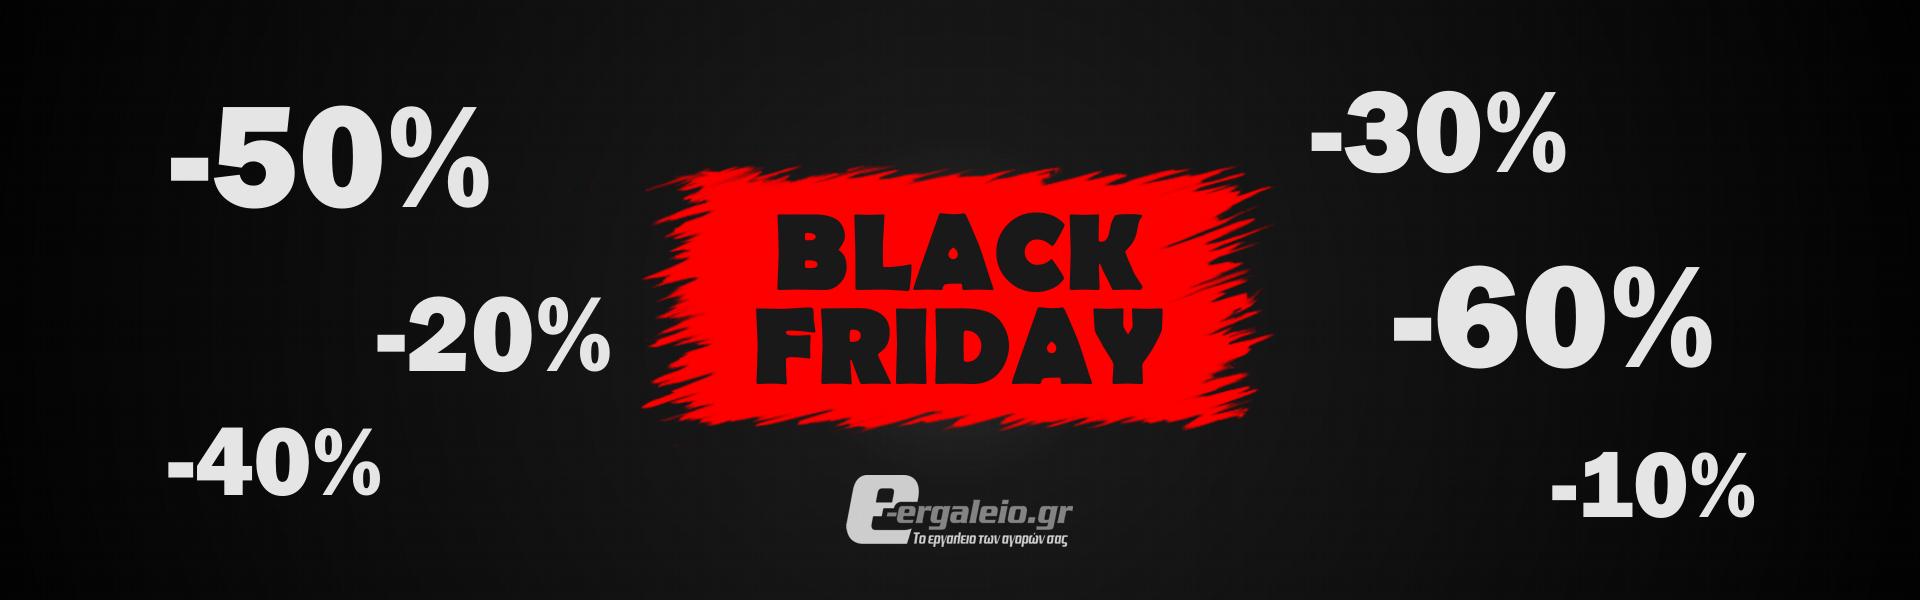 ΠΡΟΣΦΟΡΕΣ BLACK FRIDAY ΕΩΣ -60%